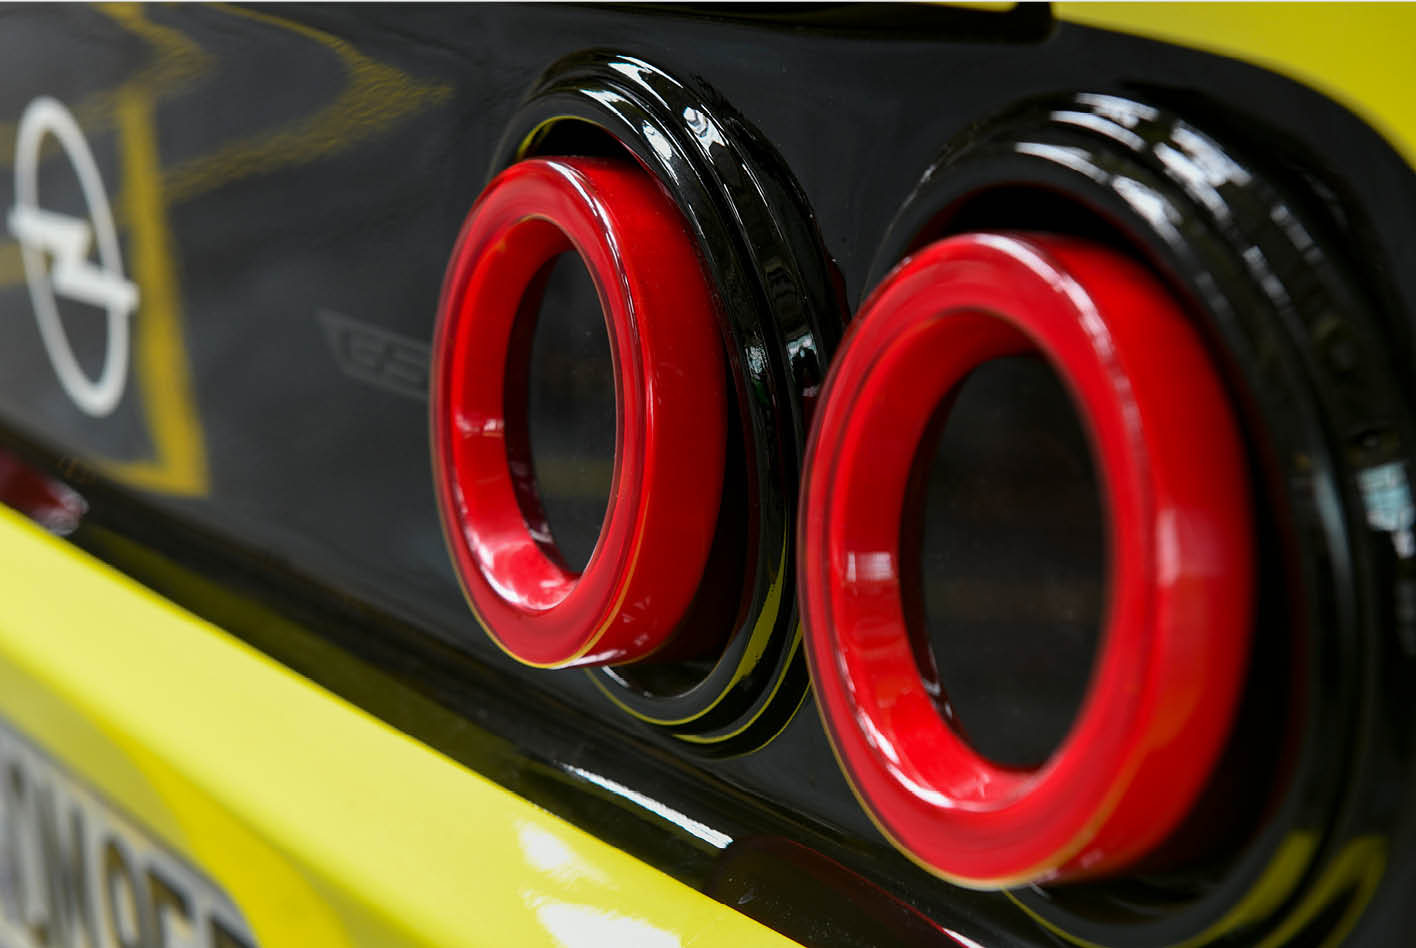 Echter Nostalgie-Look sind wie beim Manta-Klassiker die kreisrunden Heckleuchten. Bild. Opel